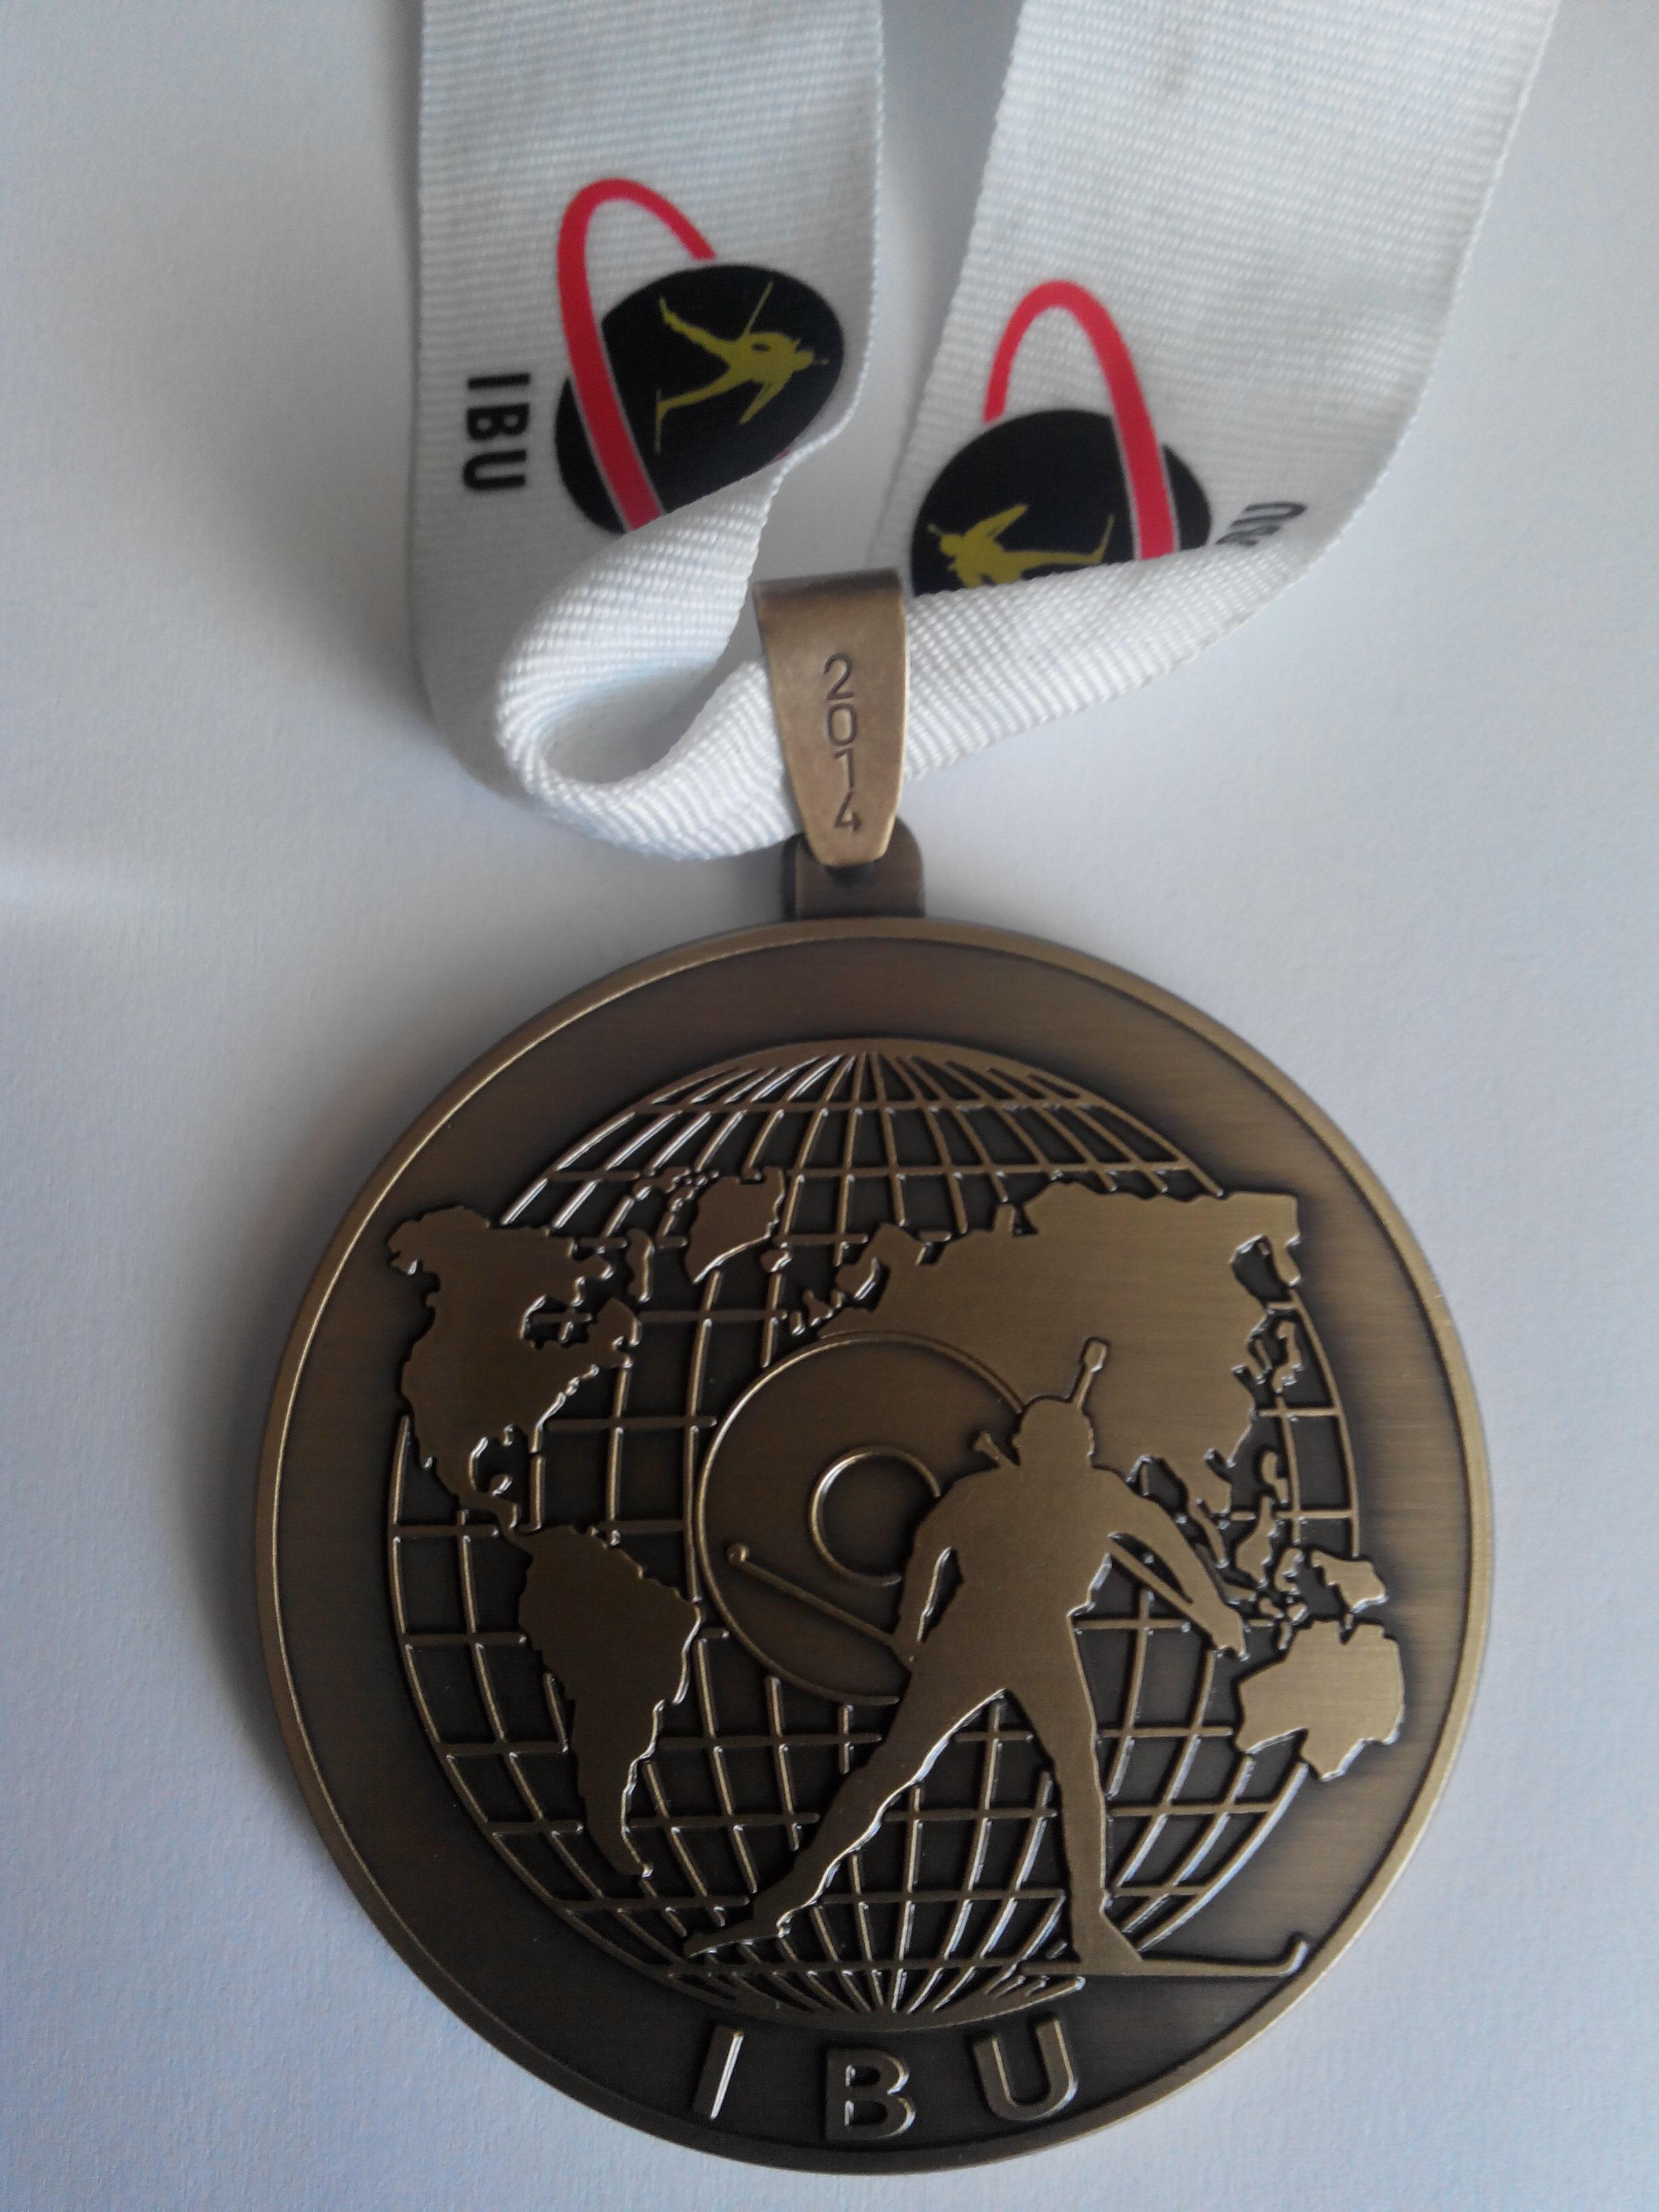 XVIІ міжнародний чемпіонат світу ветеранів з біатлону